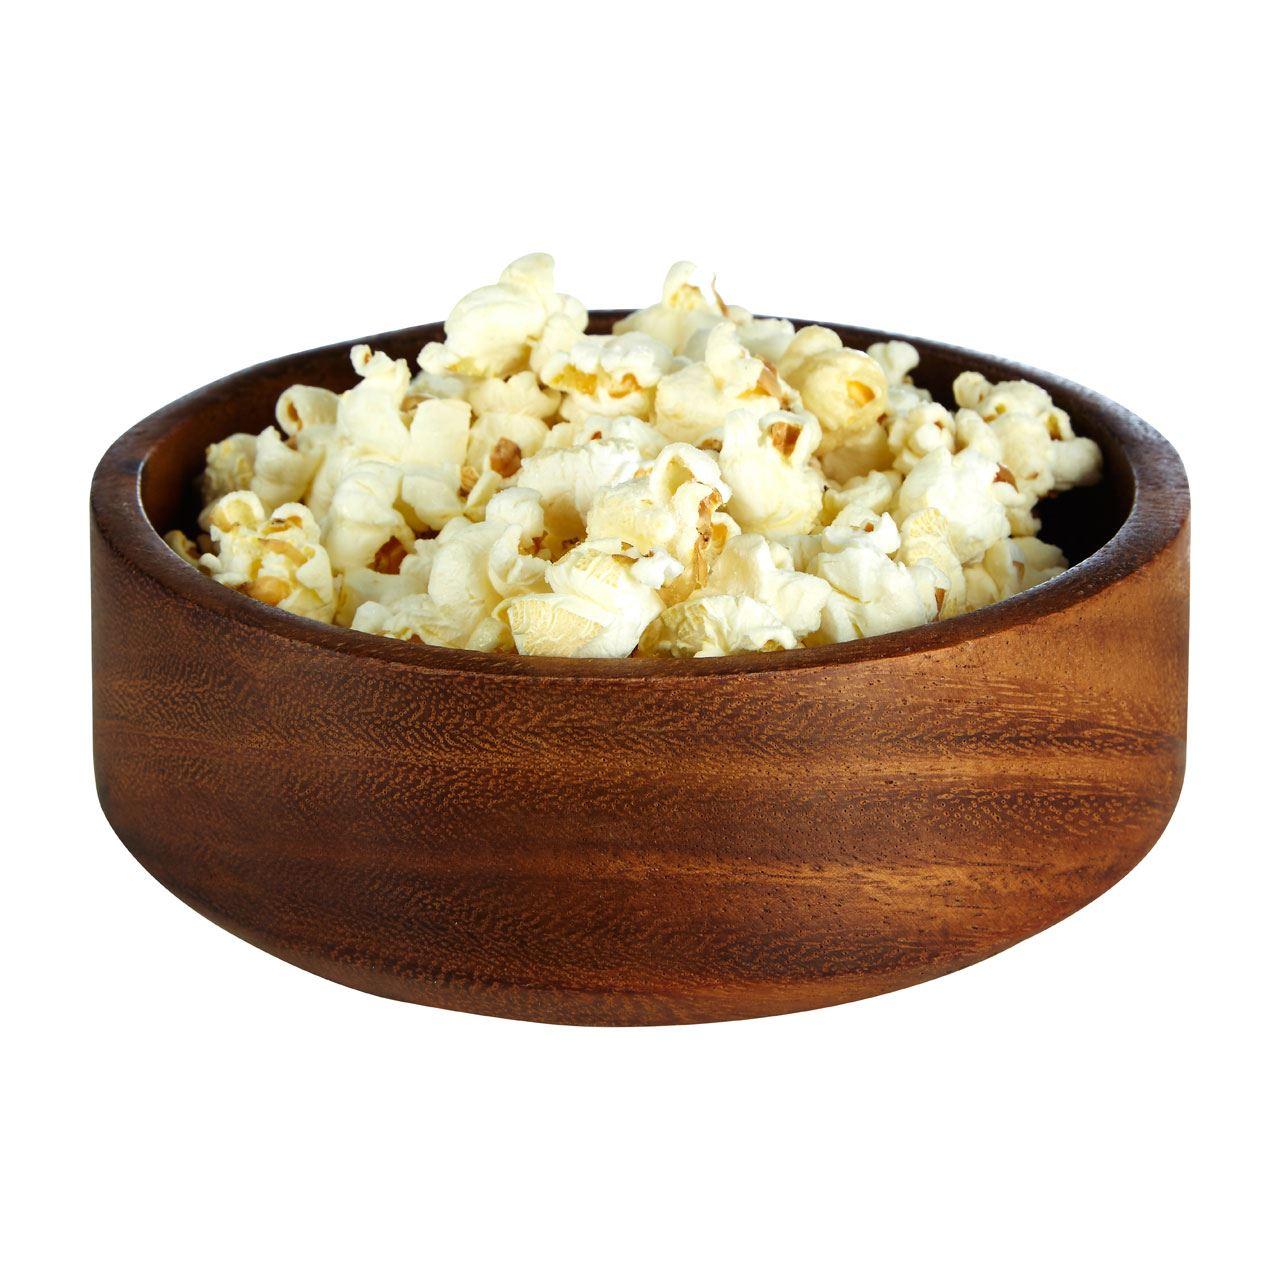 Serving Dishes Serving Bowls Wood Ideal For Crisp Salad Serving Chips Nuts Other Party Foods Home Furniture Diy Quatrok Com Br